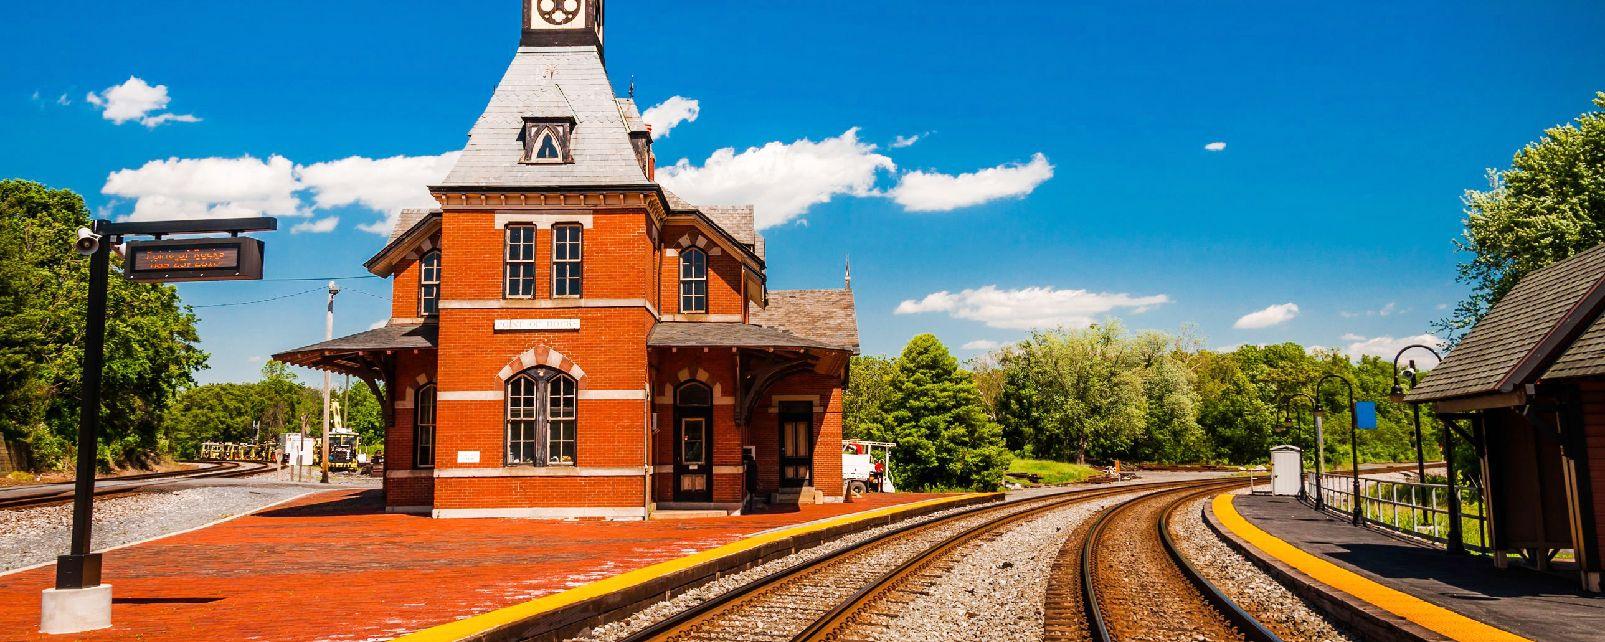 El ferrocarril clandestino de Maryland , Estados Unidos